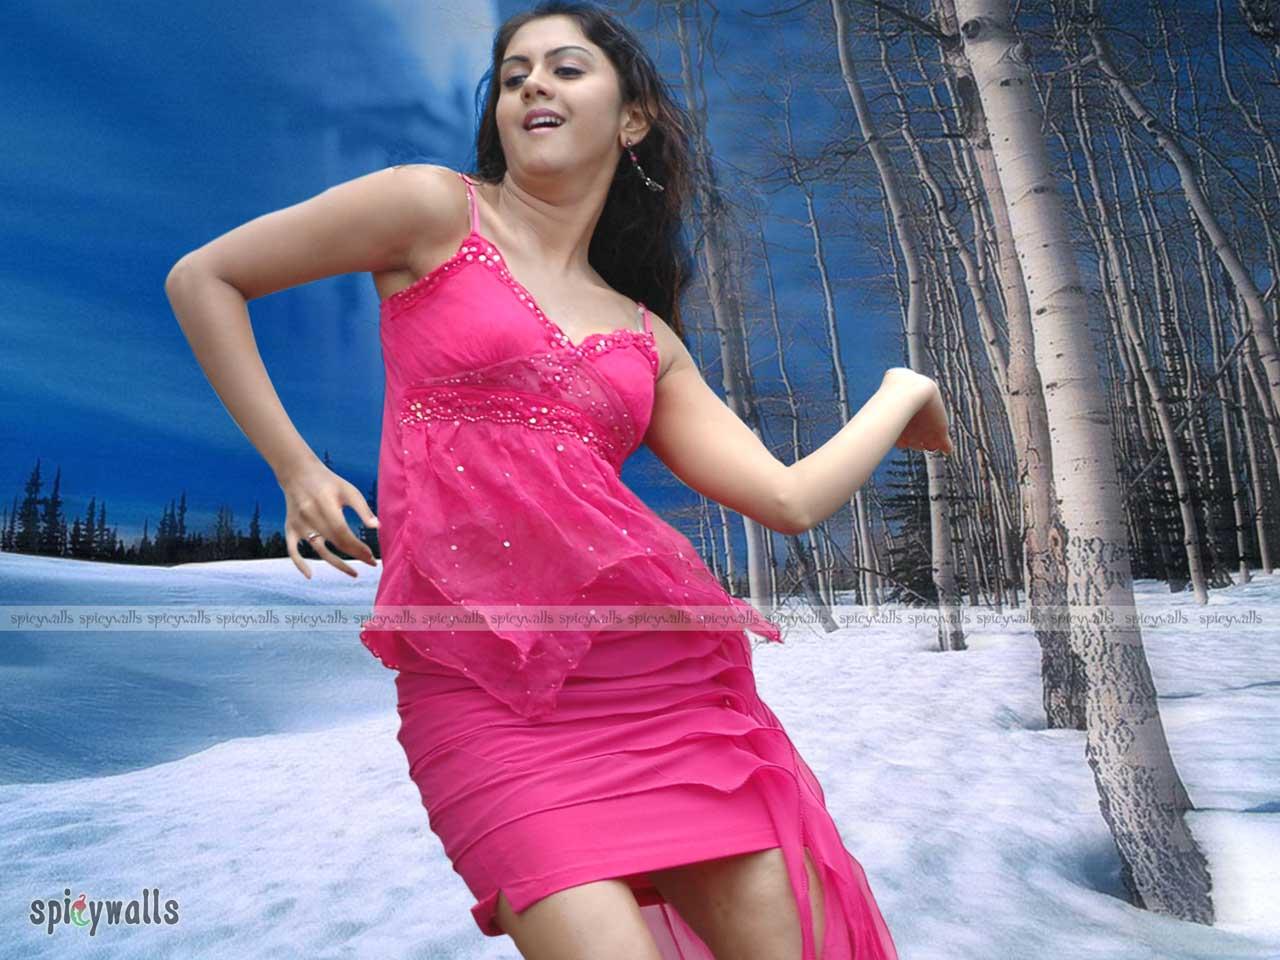 Kamna jethmalani hot photoshoot celebrity